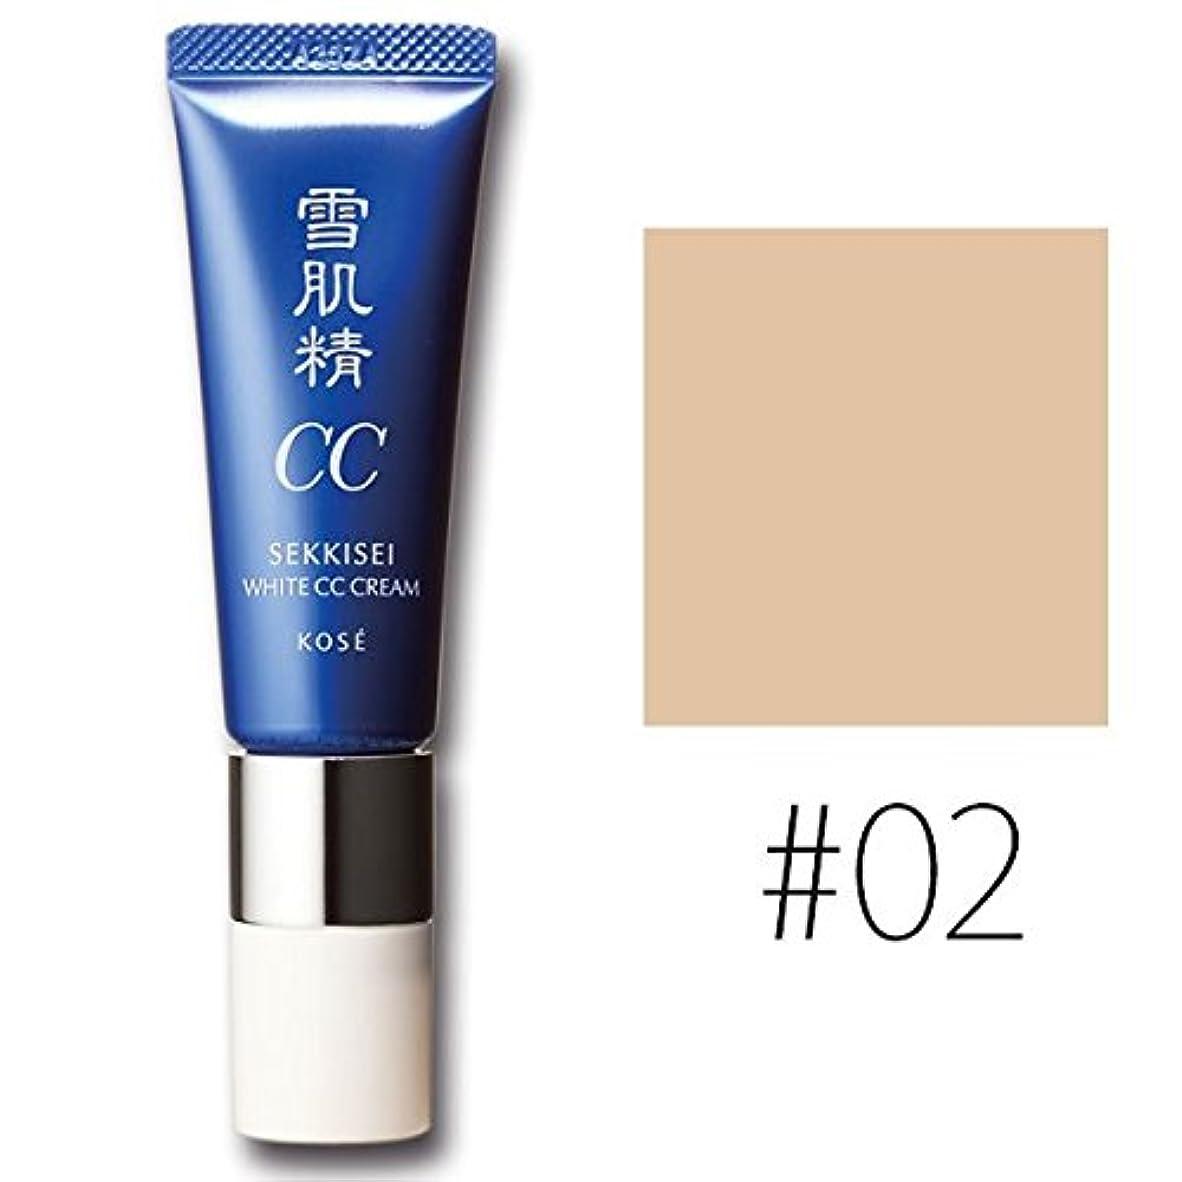 レジフローティング規則性コーセー 雪肌精 ホワイト CCクリーム【#02】 #OCHRE SPF50+/PA++++ 30g